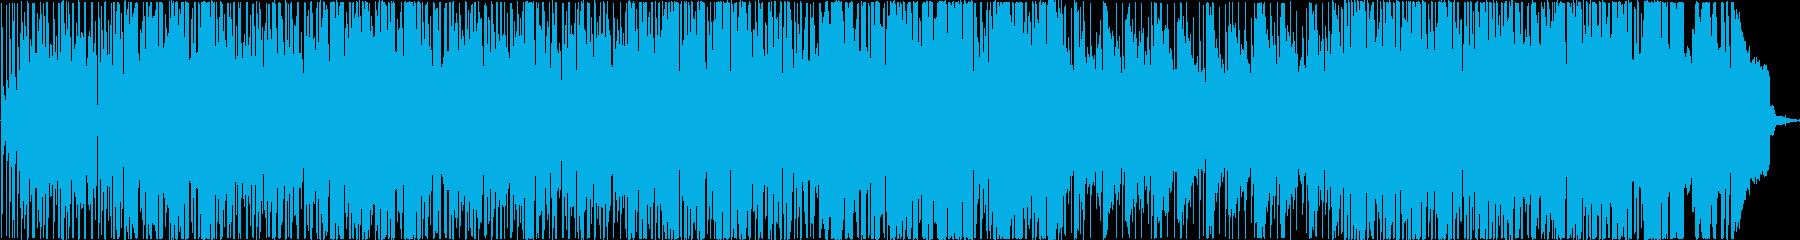 サックスとシンセのソロが特徴的なトラックの再生済みの波形